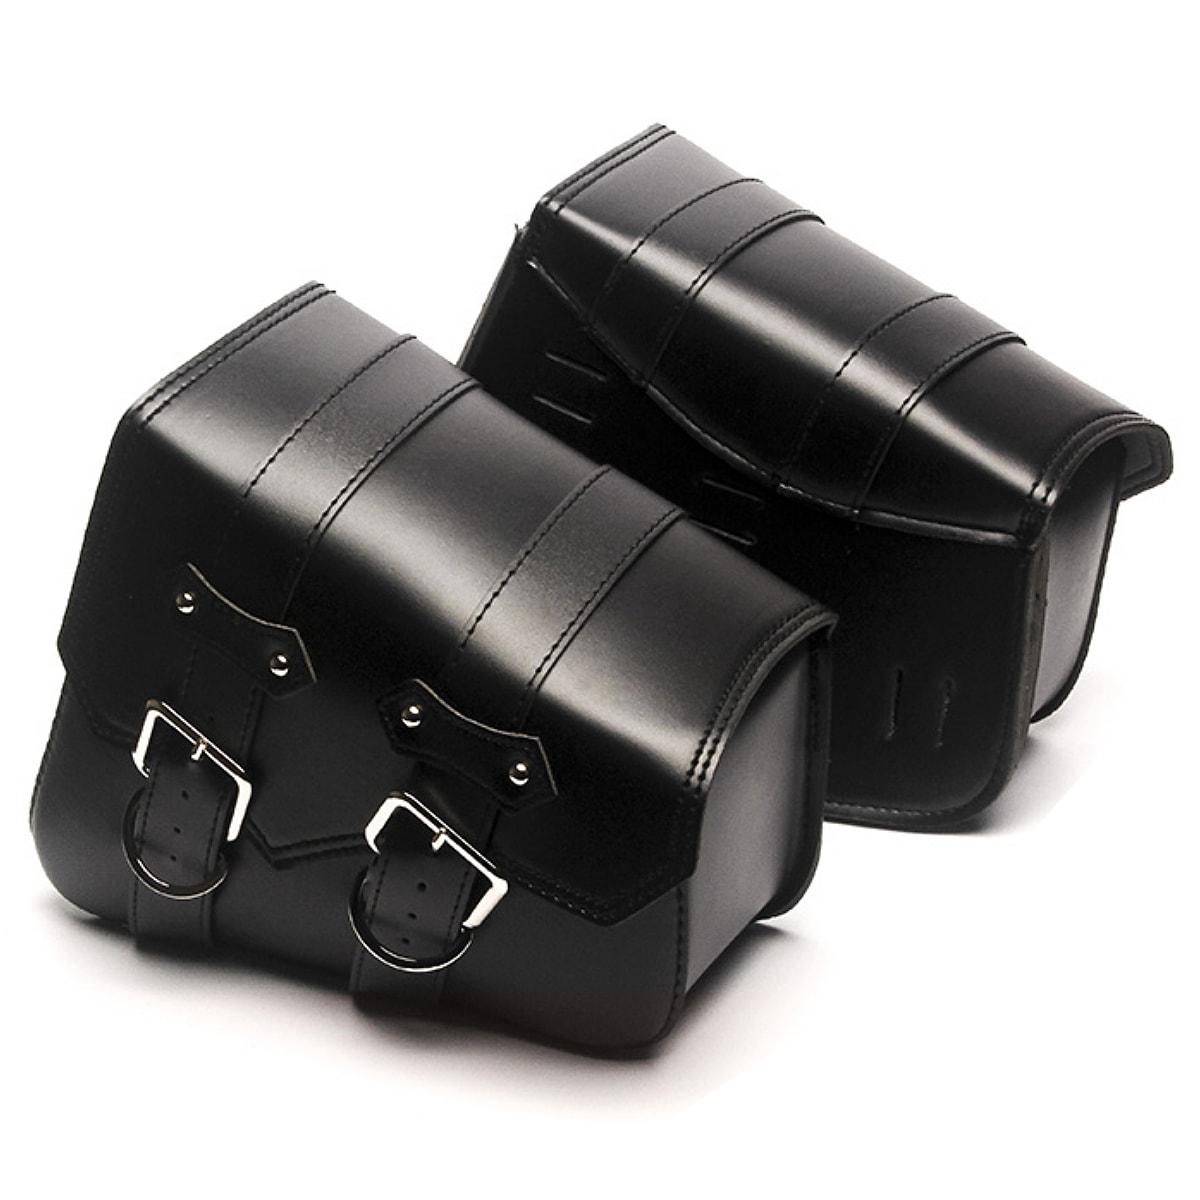 【送料無料!】全2色! 同色2個セット! [Chrome Buckle PU Leather Tool Bag/Saddle Bag Set] クローム・バックル・PUレザー・ツールバッグ サドルバッグ セット! 左右両サイドに取付可能 防水 ストラップ アメリカンバイク バイカー Harley Cruiser Storage Pouch